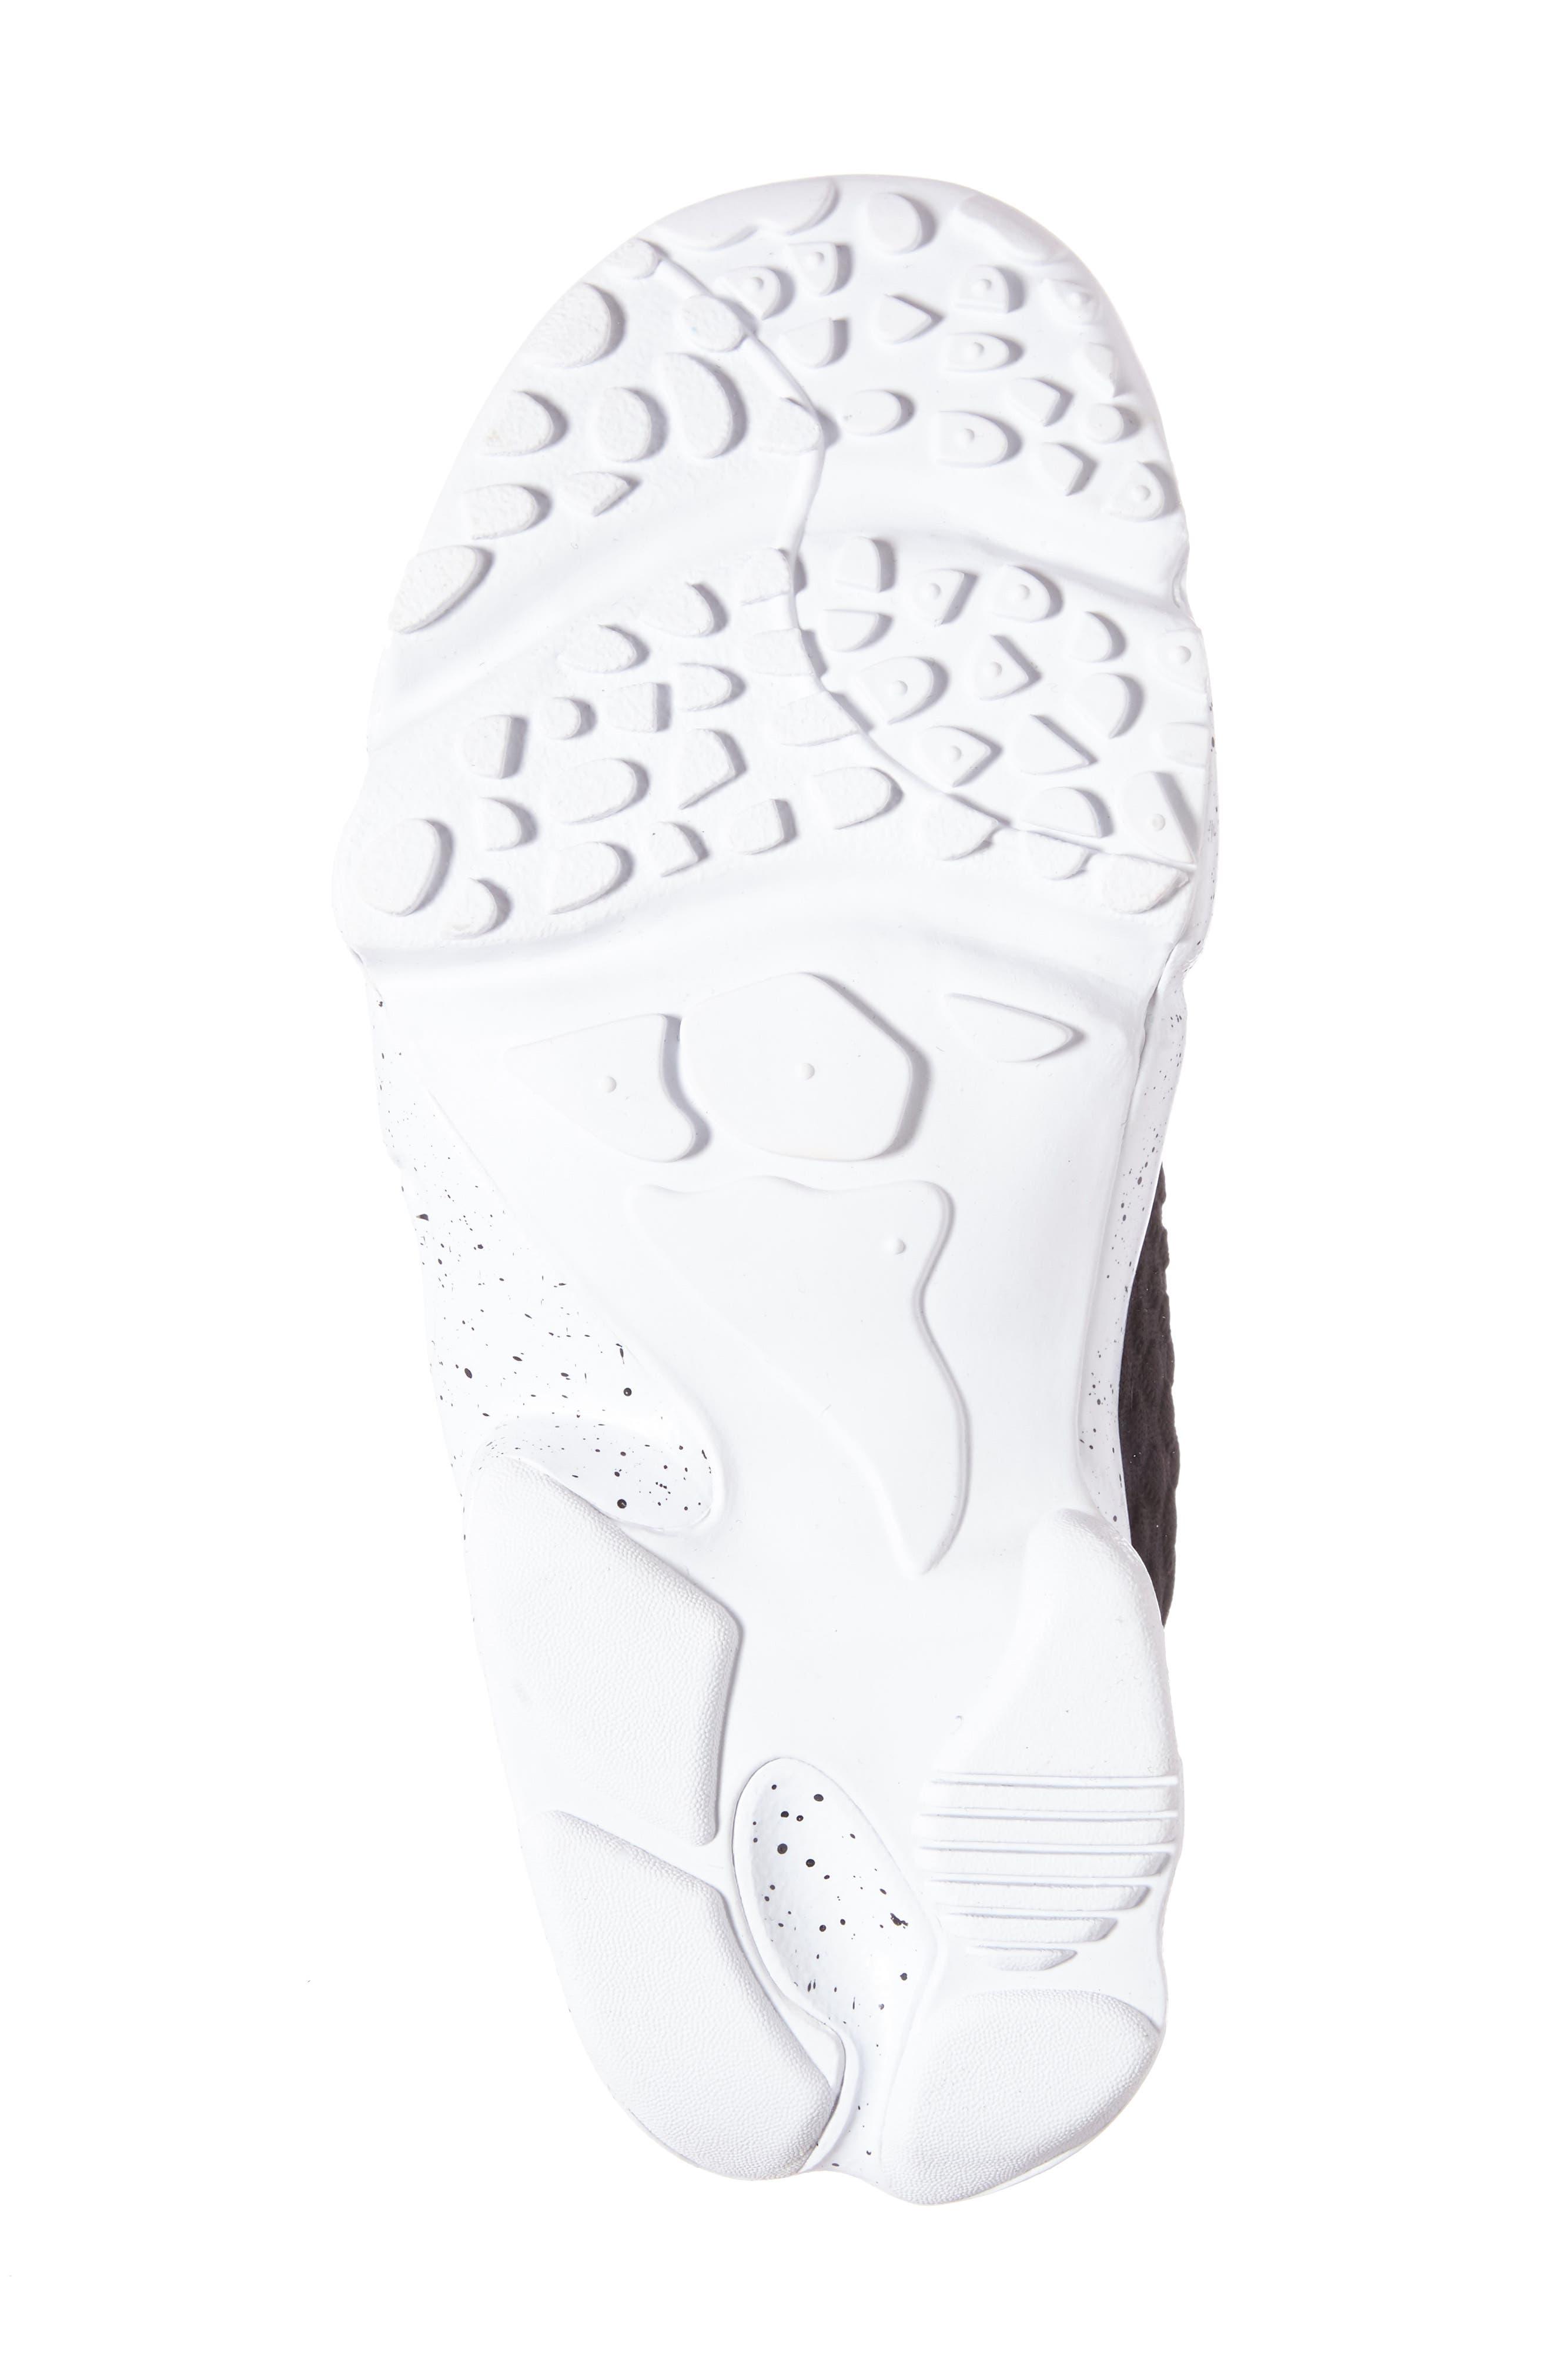 Rift Wrap Slip-On Sneaker,                             Alternate thumbnail 4, color,                             001